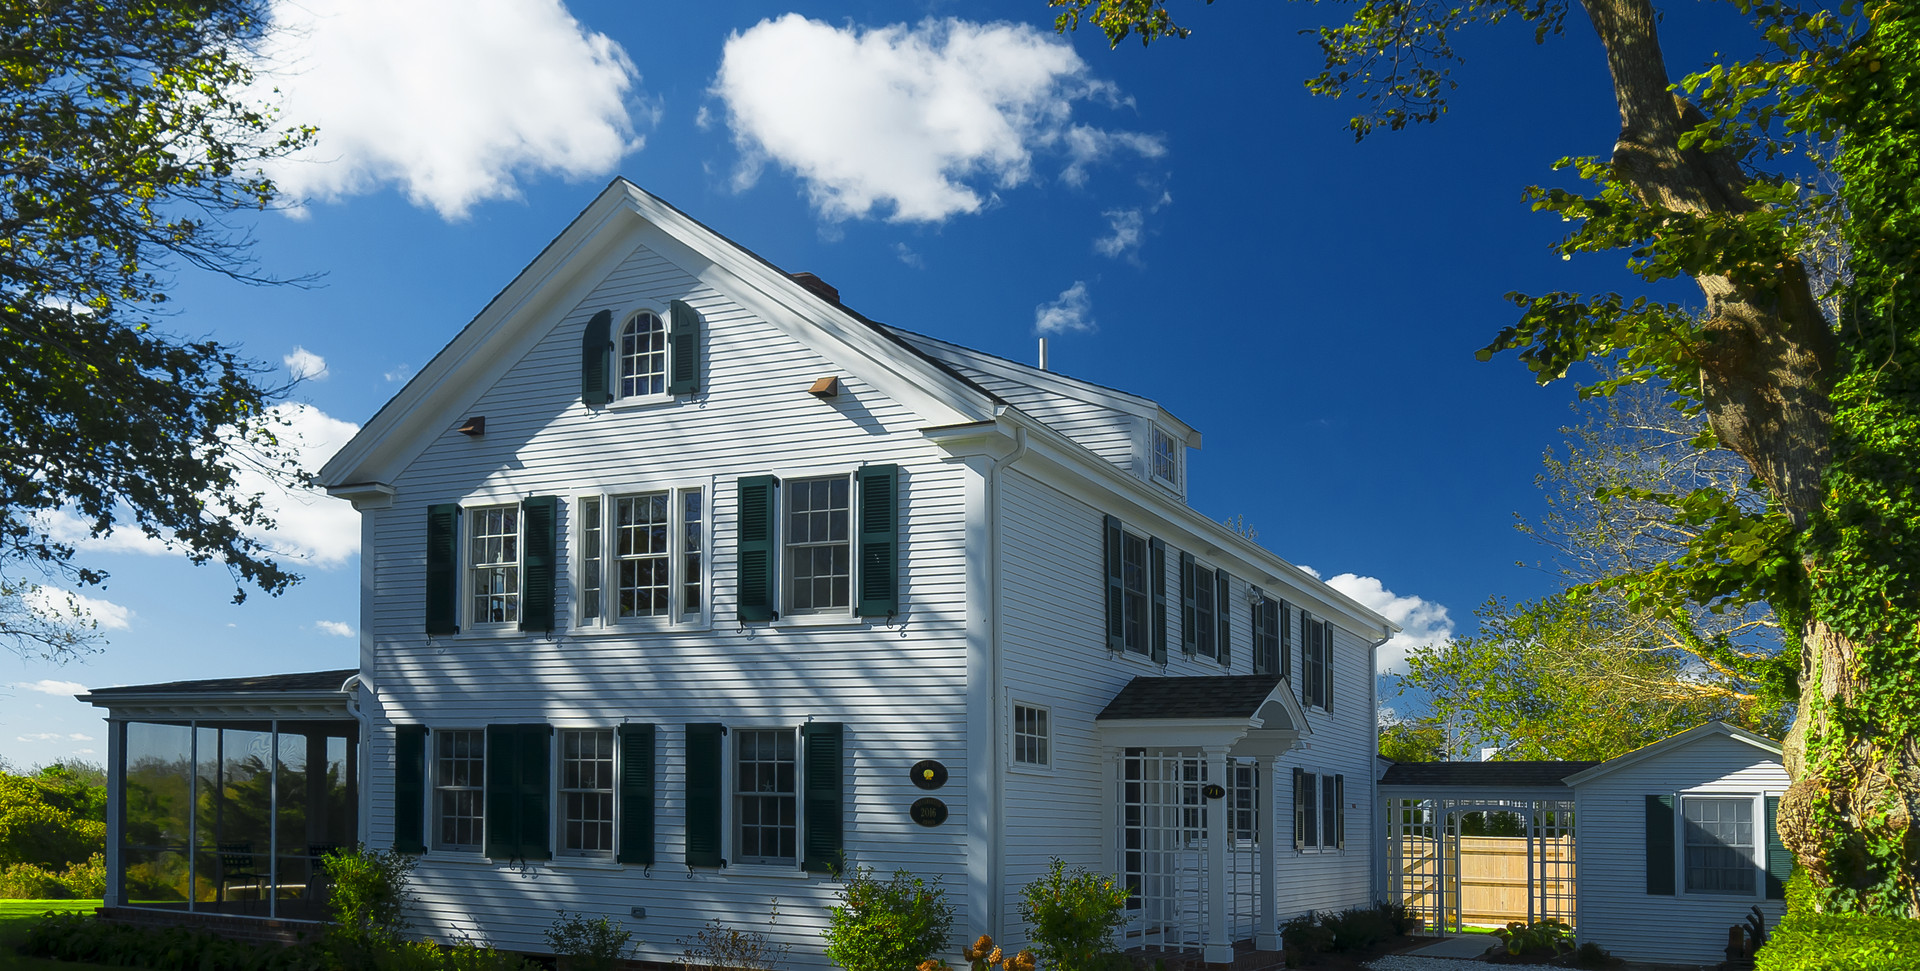 Old Village, Chatham,MA Historic Preservation Remodel